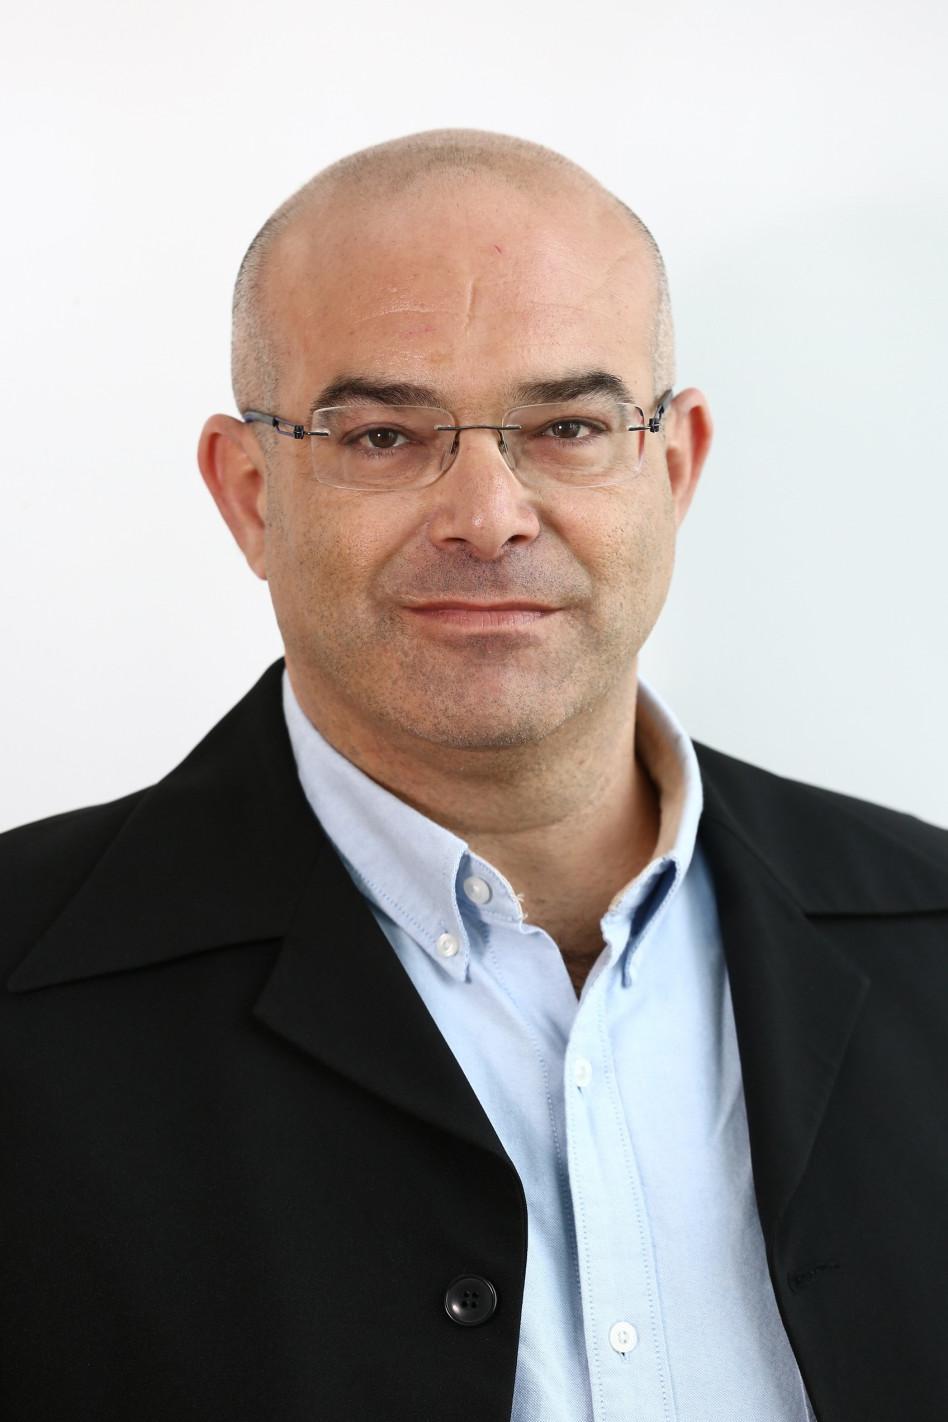 גיא בן יהודה (צילום: לירון אלמוג)